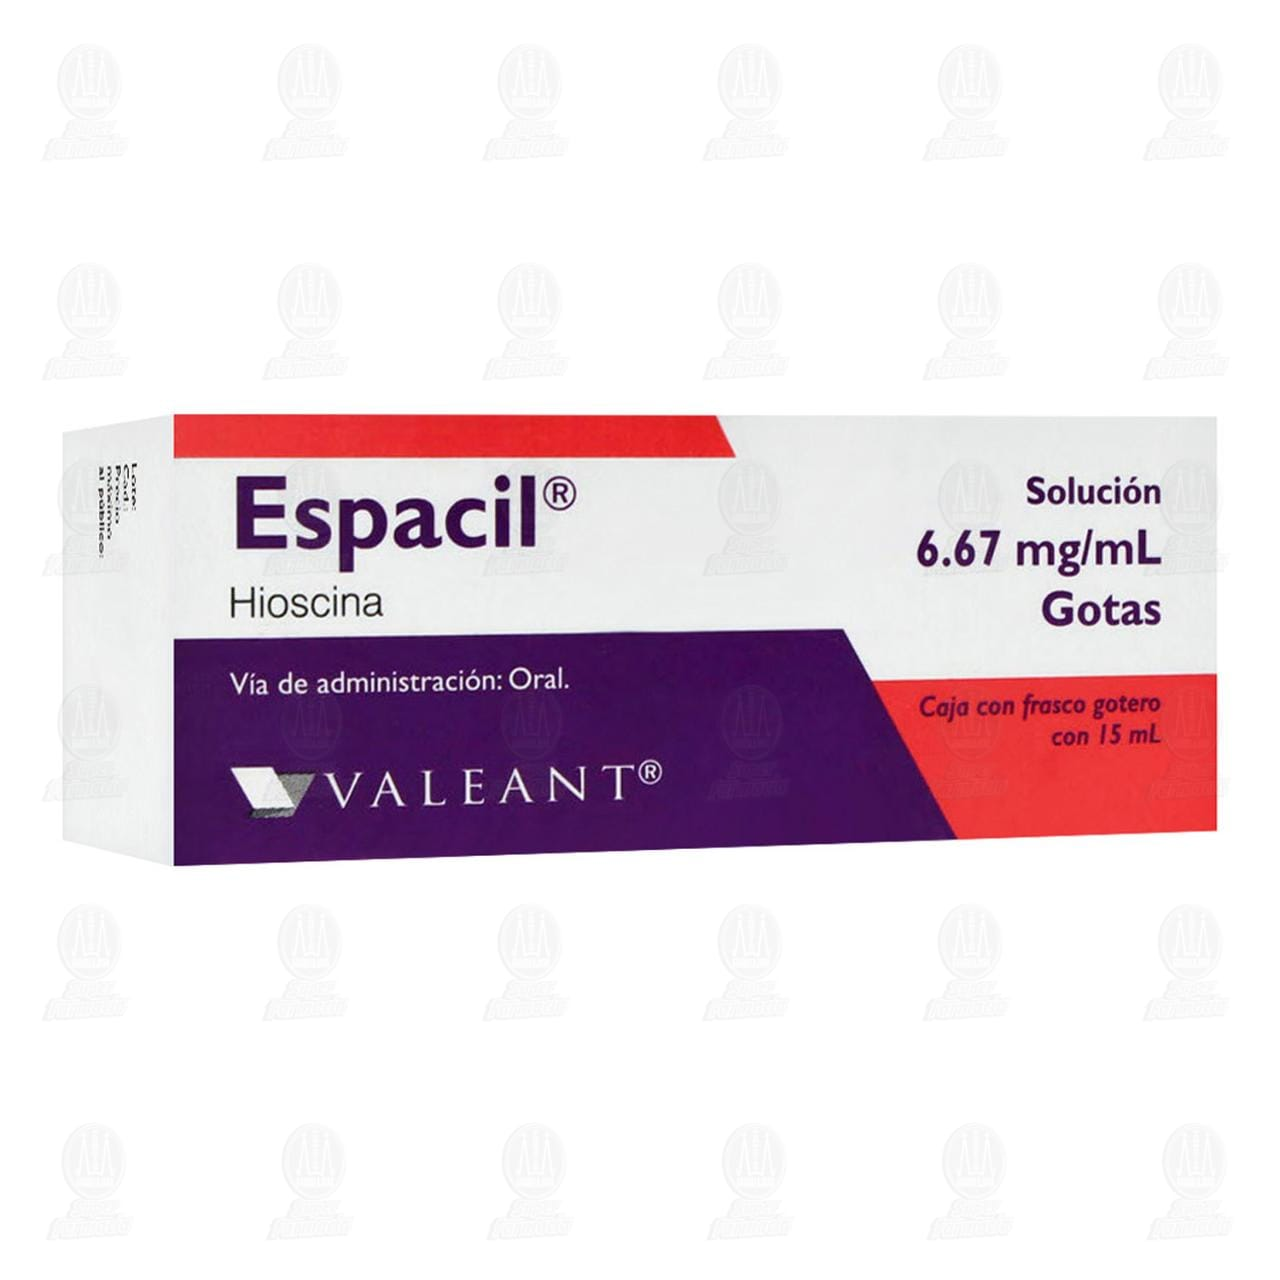 Comprar Espacil 6.67mg/ml 15ml Solución Gotas en Farmacias Guadalajara